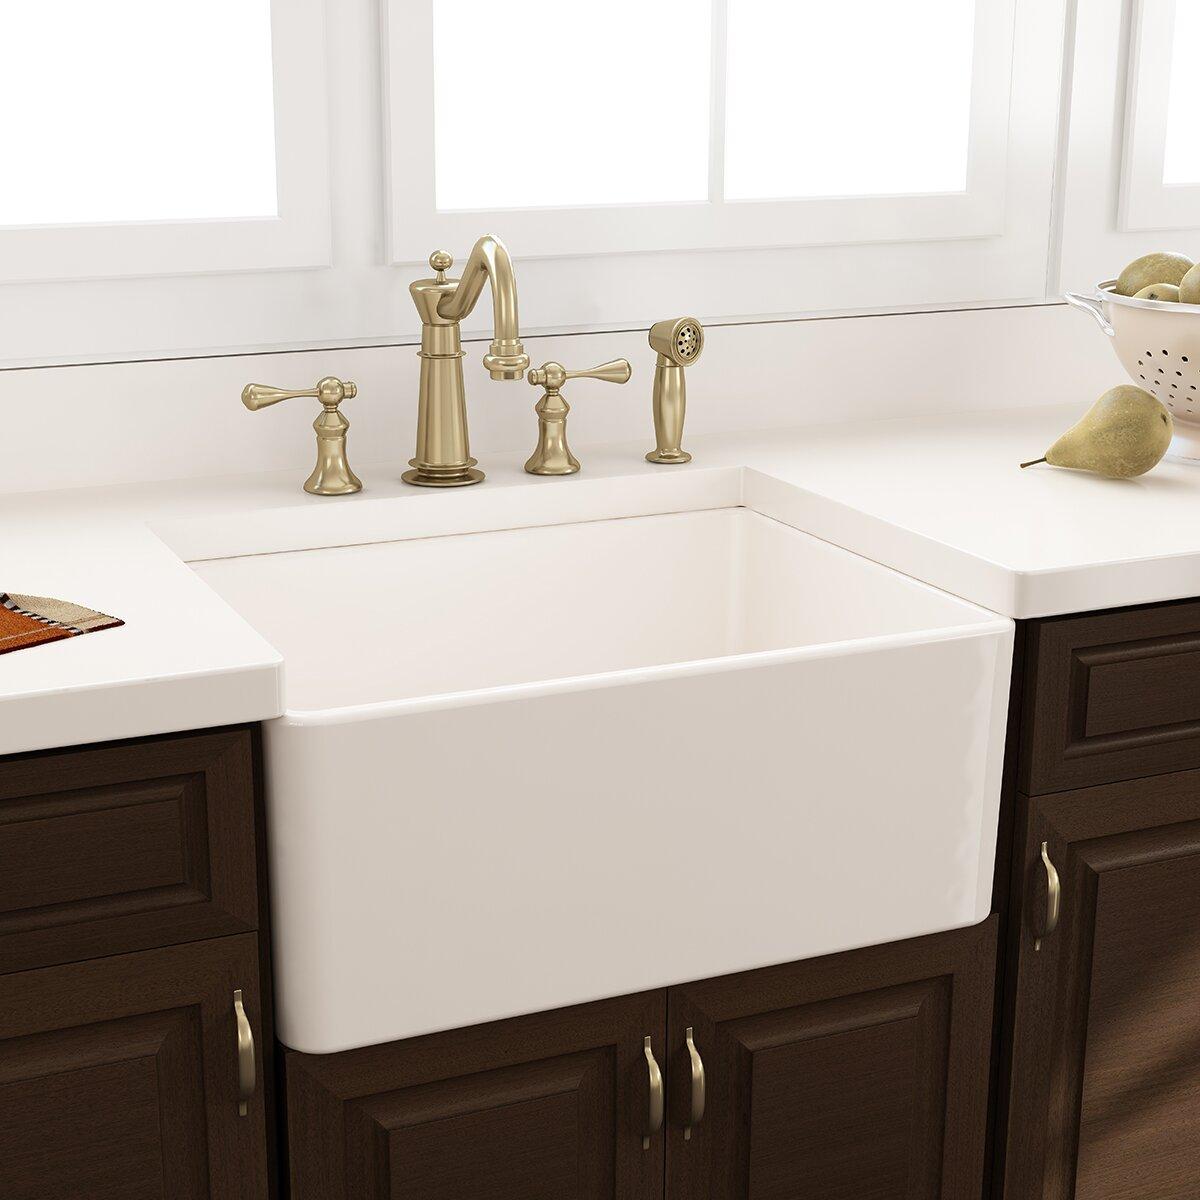 cape 24 x 18 kitchen sink with grid - Apron Kitchen Sinks